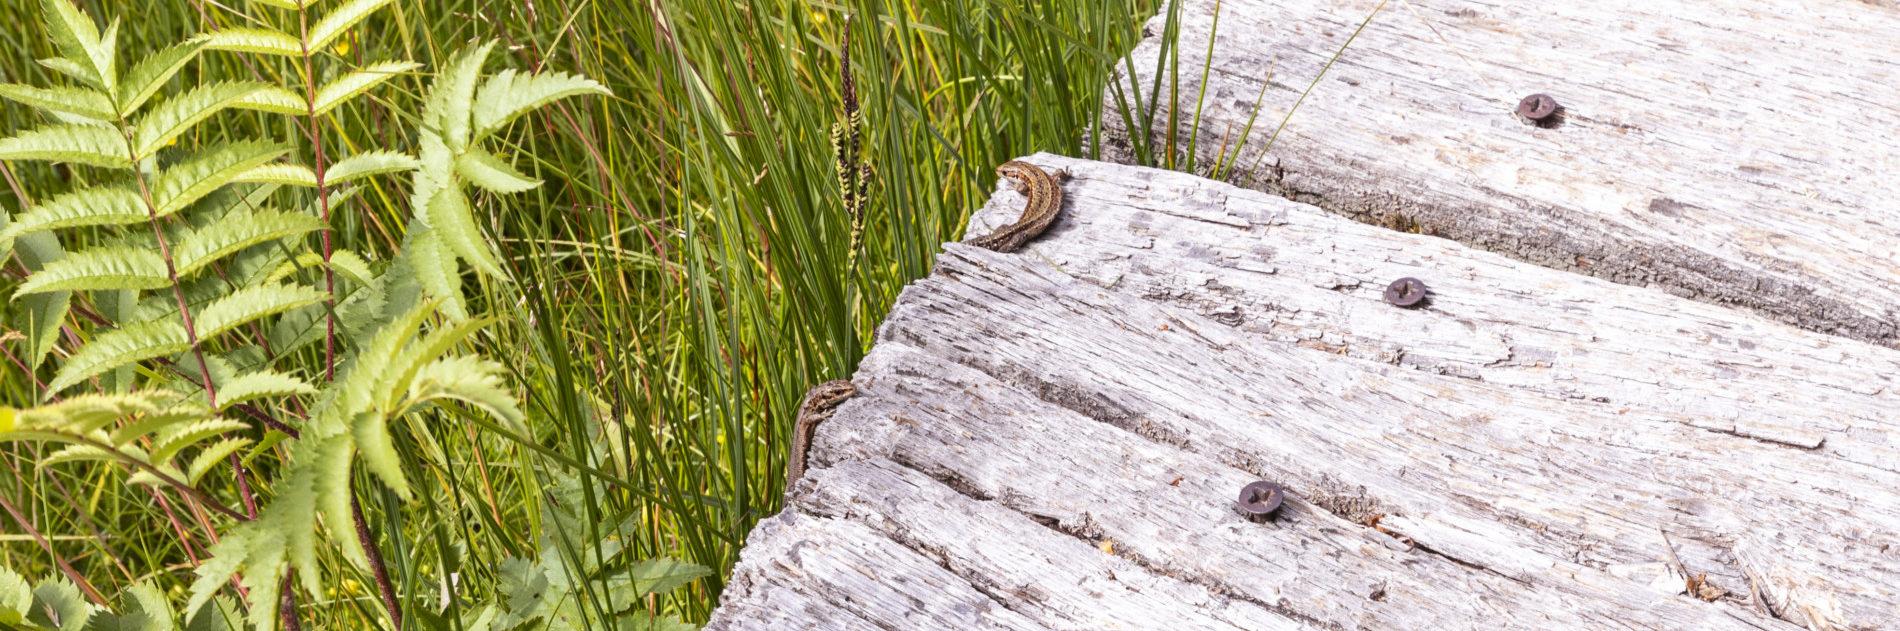 Bei einer Wanderung im Schwarzen Moor beim Dreiländereck können mit viel Glück Mooreidechsen entdeckt werden. Die Streutalallianz bietet viel für Flora und Fauna (Foto: Leska Hörner - Leskas Wunderwelt)